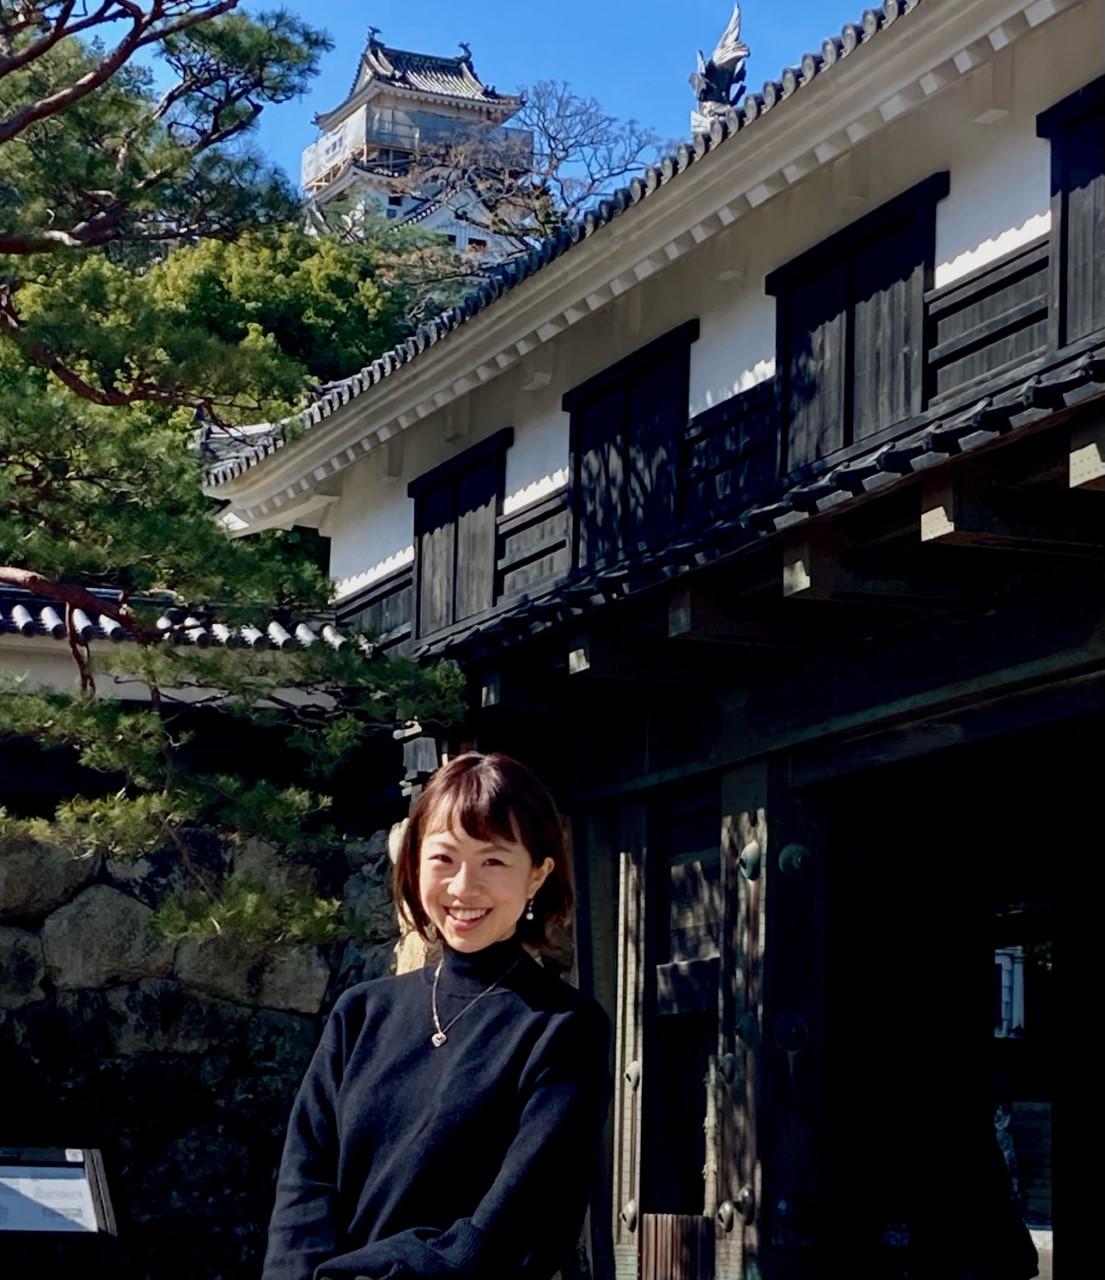 久米 華子(くめ はなこ)【旧姓:石関(いしぜき)】さん(2009年文卒)